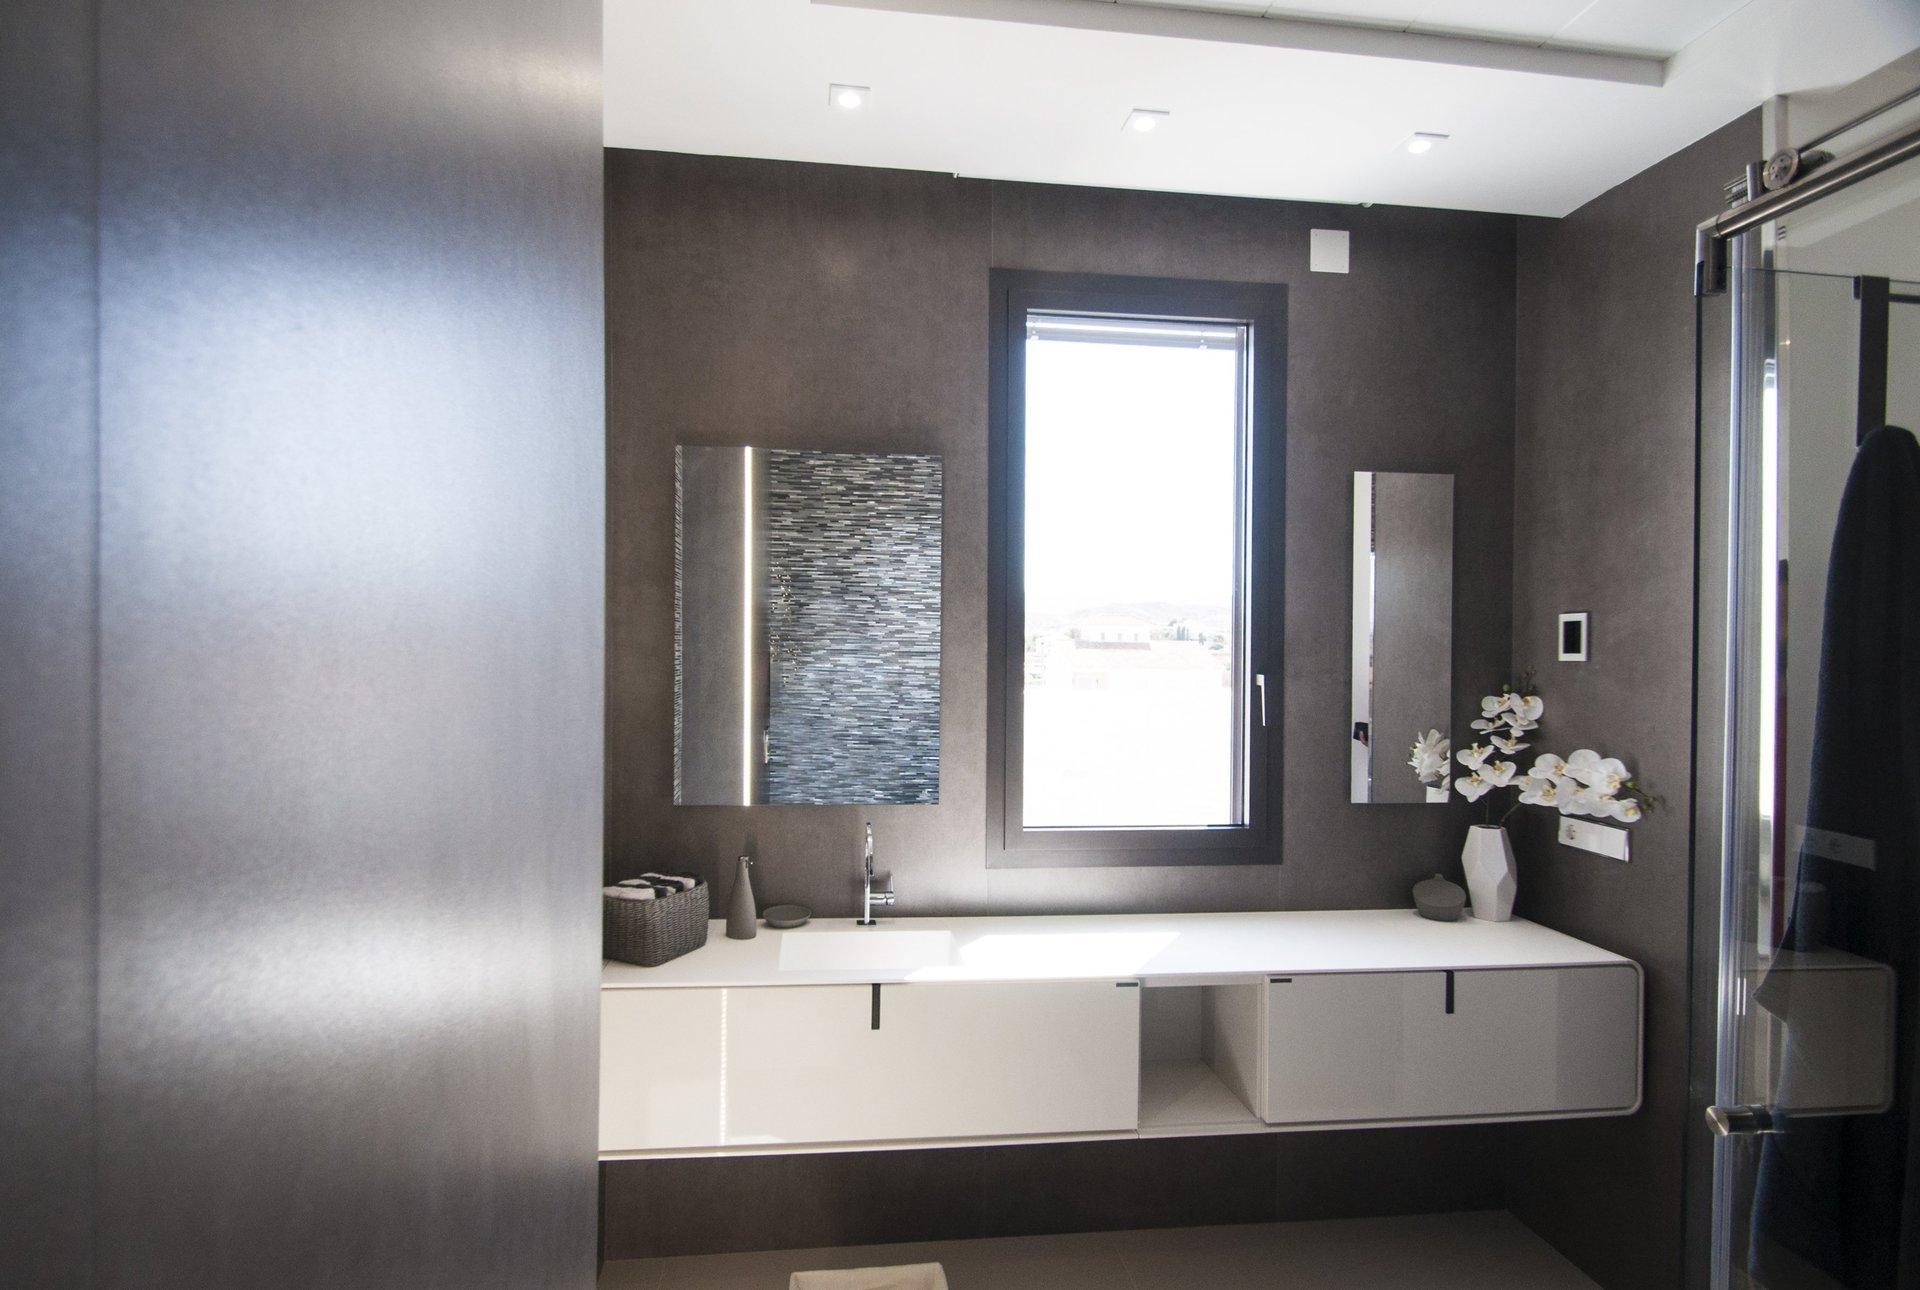 Baño de diseño en vivienda unifamiliar moderna en Almeria. Arquitectura moderna en Almeria. Interiorismo Almeria.